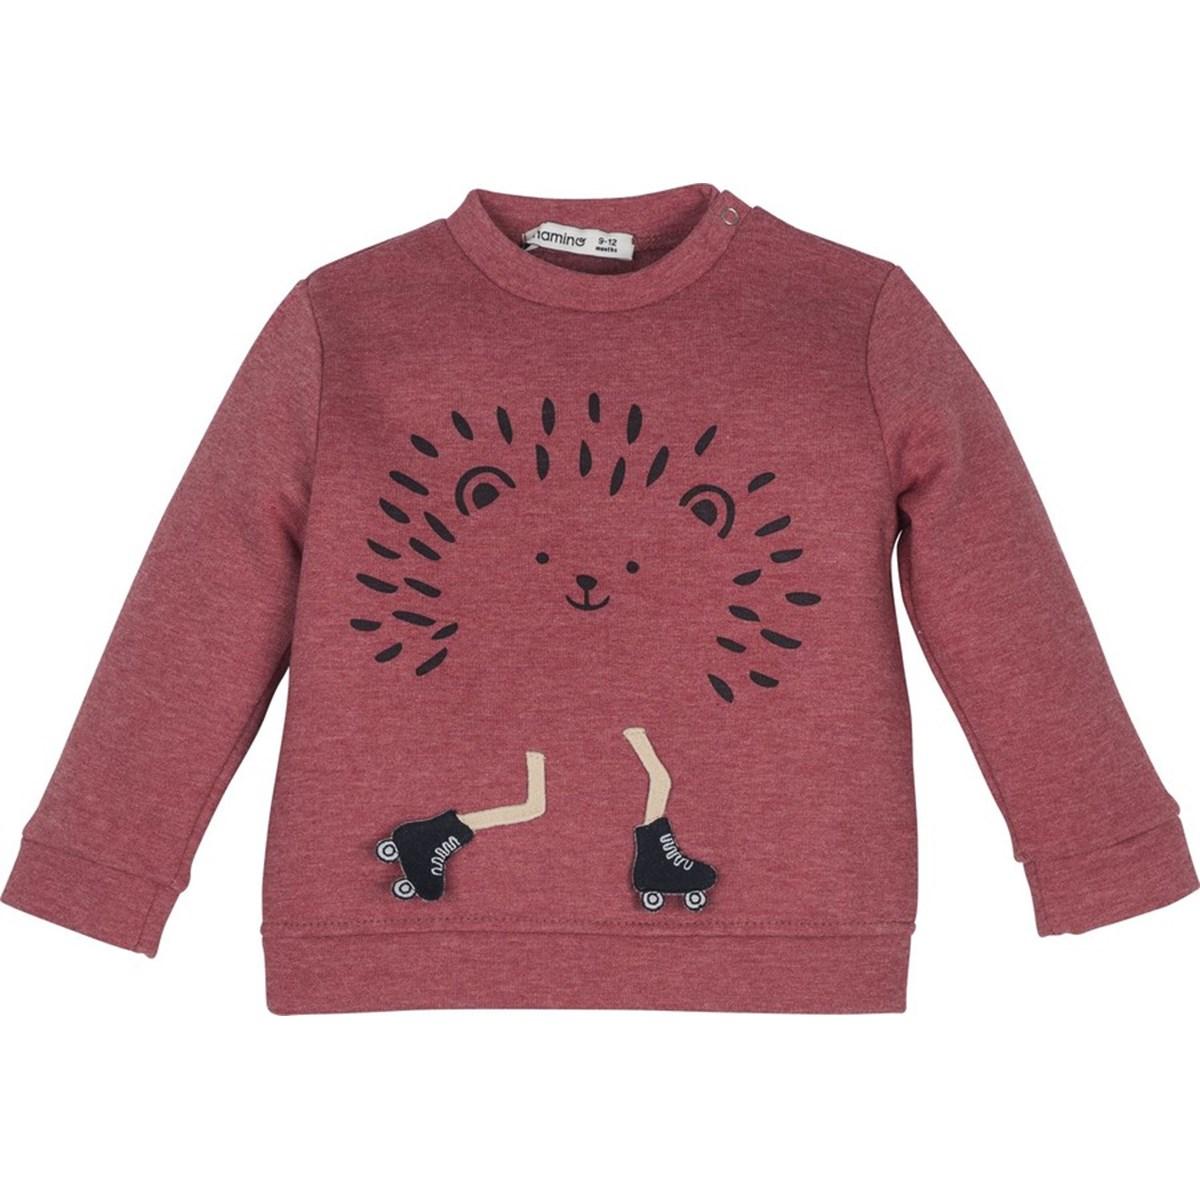 12525 Sweatshirt 1